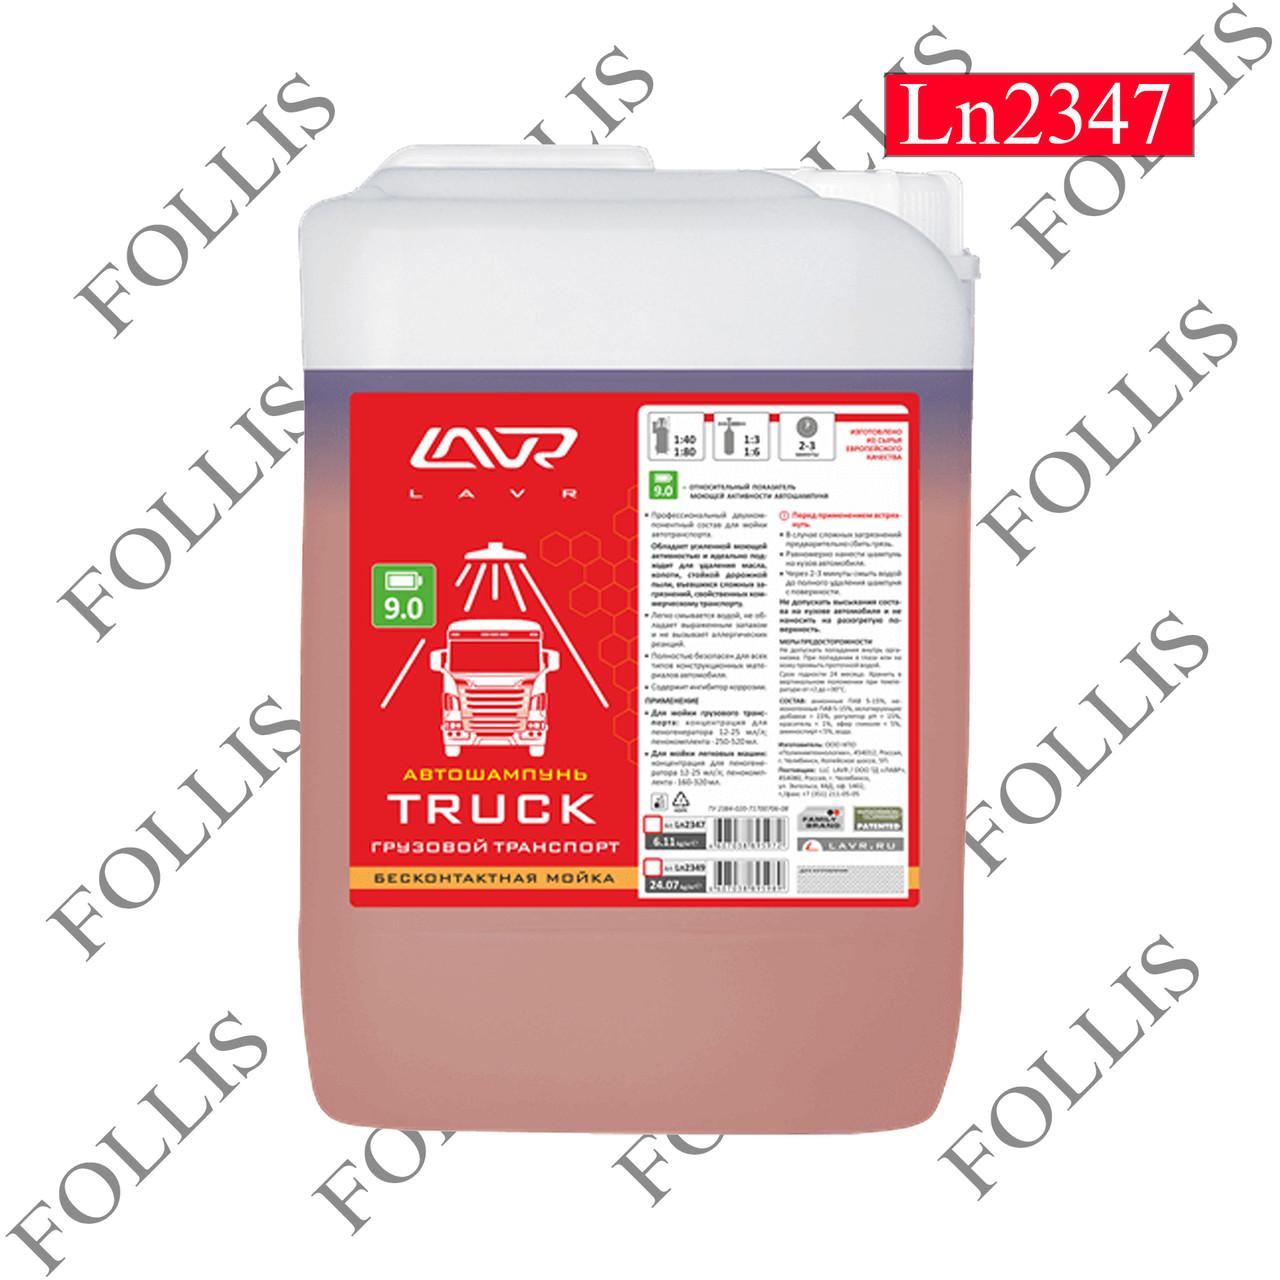 """Автошампунь для бесконтактной мойки """"TRUCK"""" для грузо транспорта 9.0 (1:70-100) Auto Shampoo TRU 5л"""